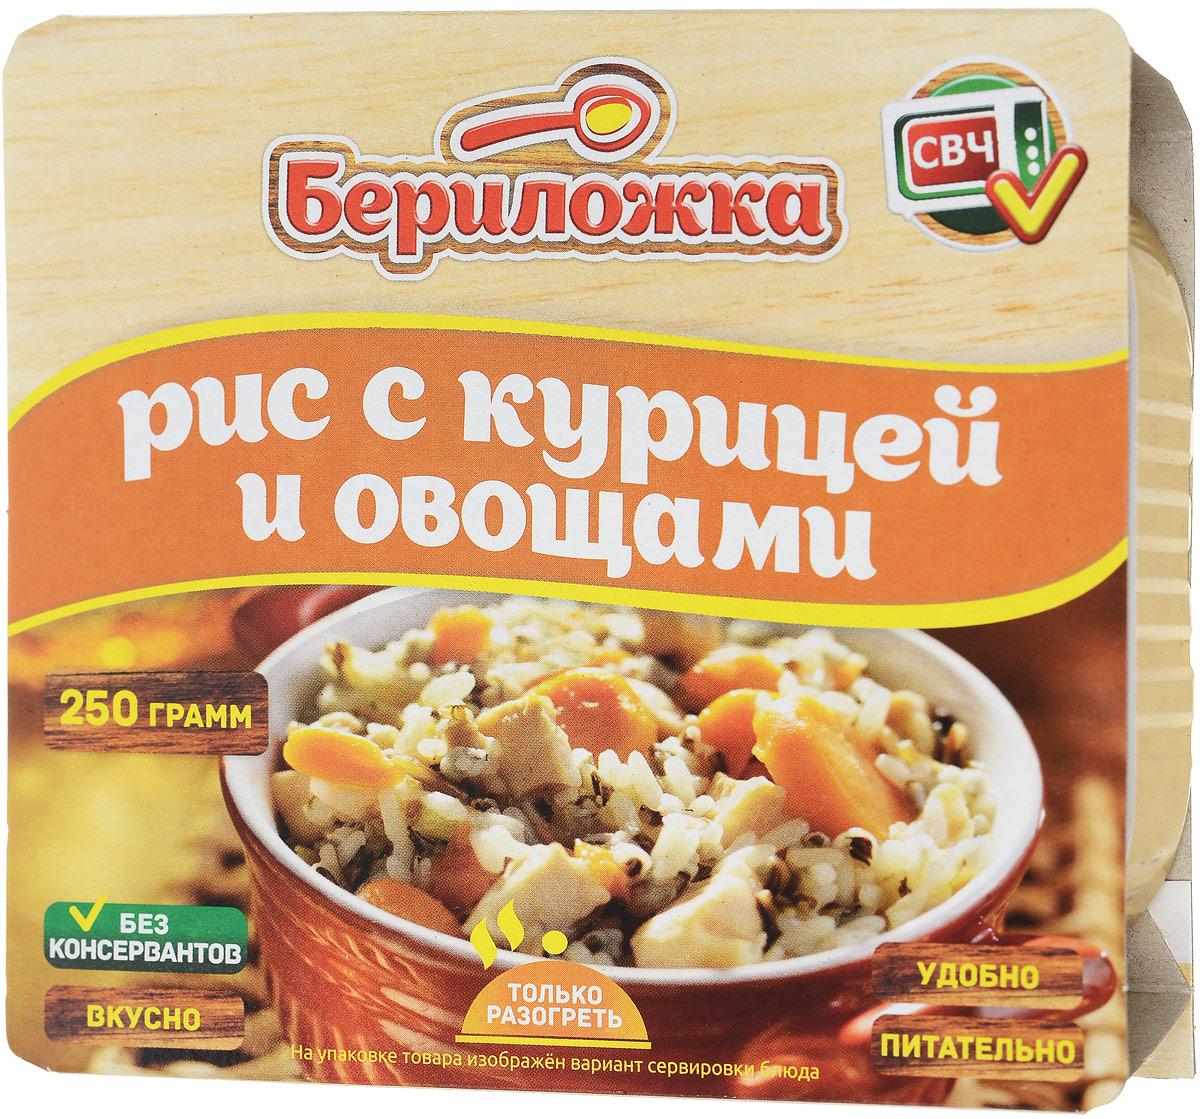 Бериложка рис с курицей и овощами, 250 г6117Рис с курицей и овощами Бериложка - мясорастительные консервы, стерилизованные.Перед употреблением рекомендуется разогреть. Продукт не содержит ГМО, консервантов.Уважаемые клиенты! Обращаем ваше внимание, что полный перечень состава продукта представлен на дополнительном изображении.